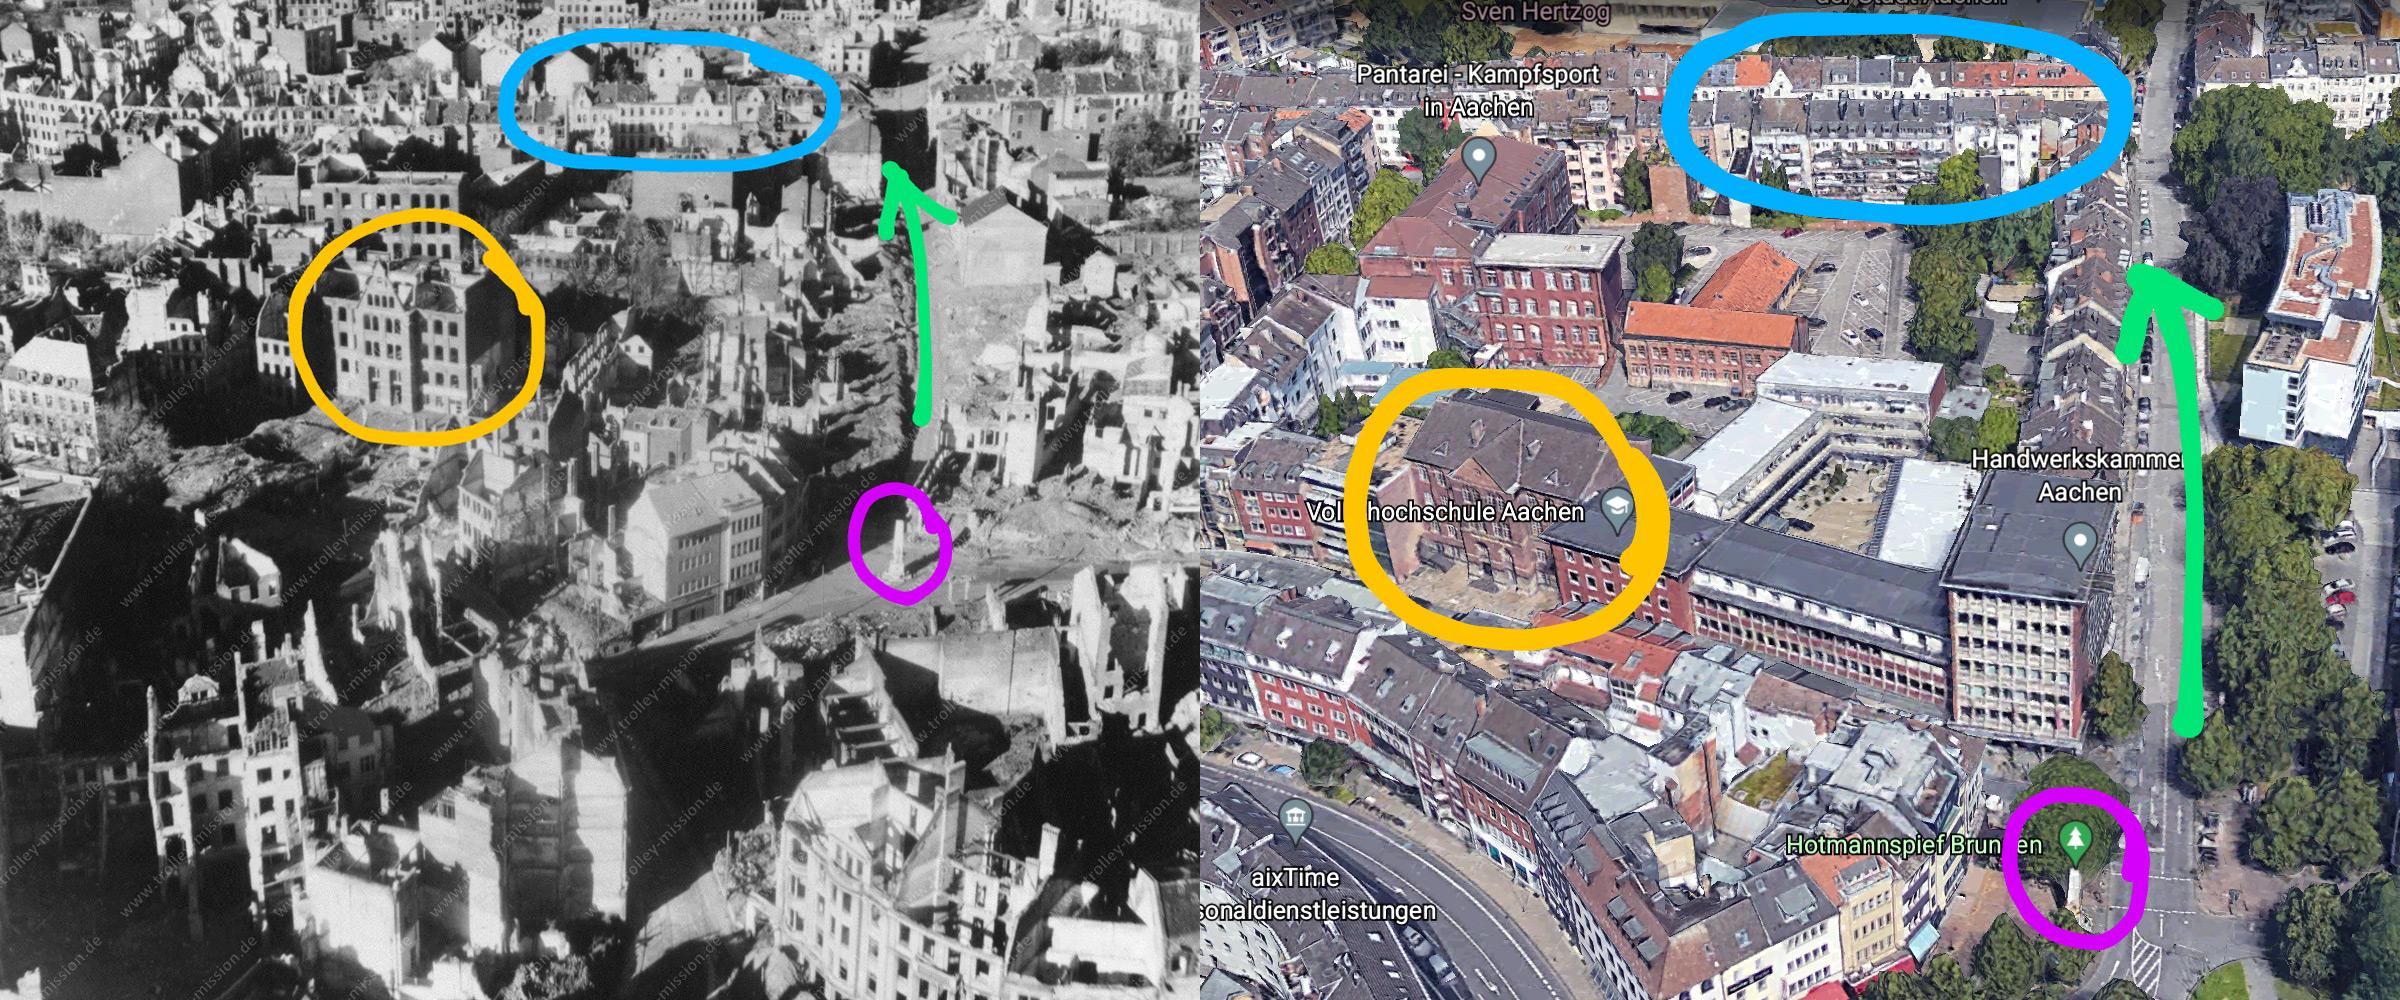 Bildvergleich Aachen 1945 und 2021